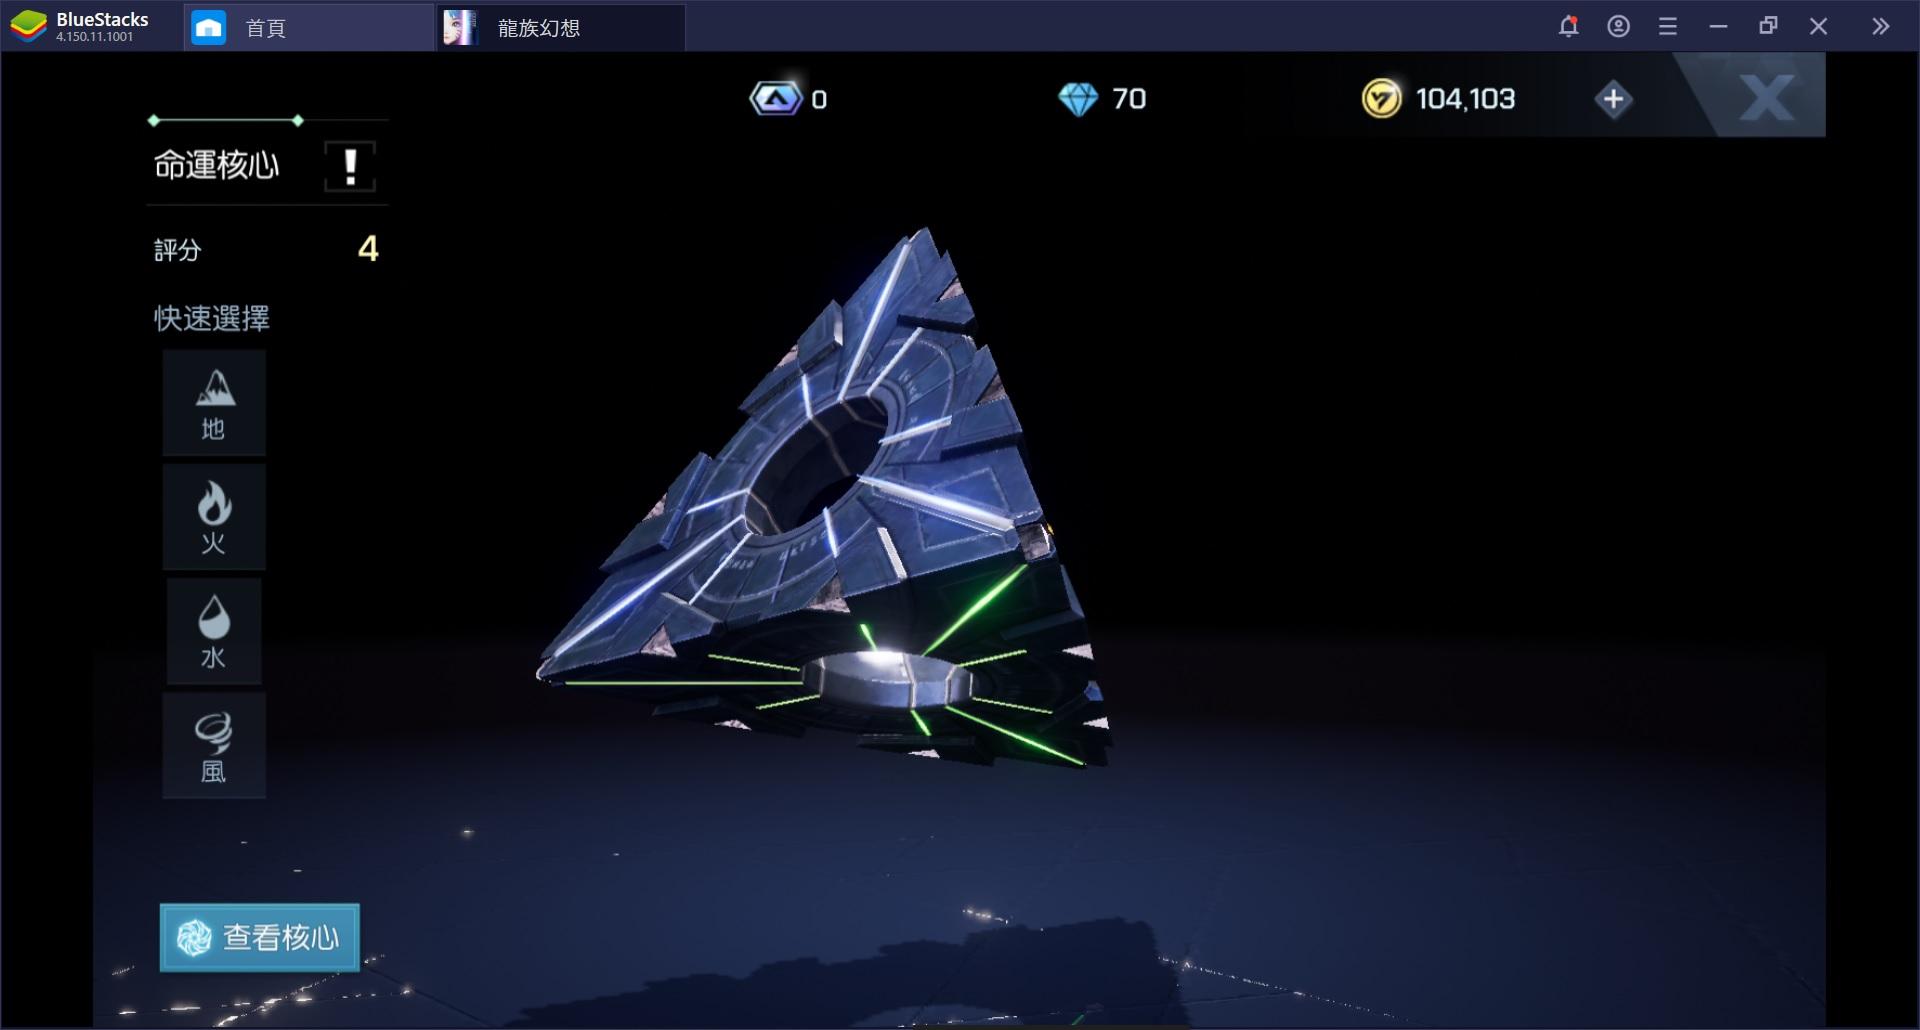 使用BlueStacks在電腦上體驗開放世界 MMORPG 龍族幻想